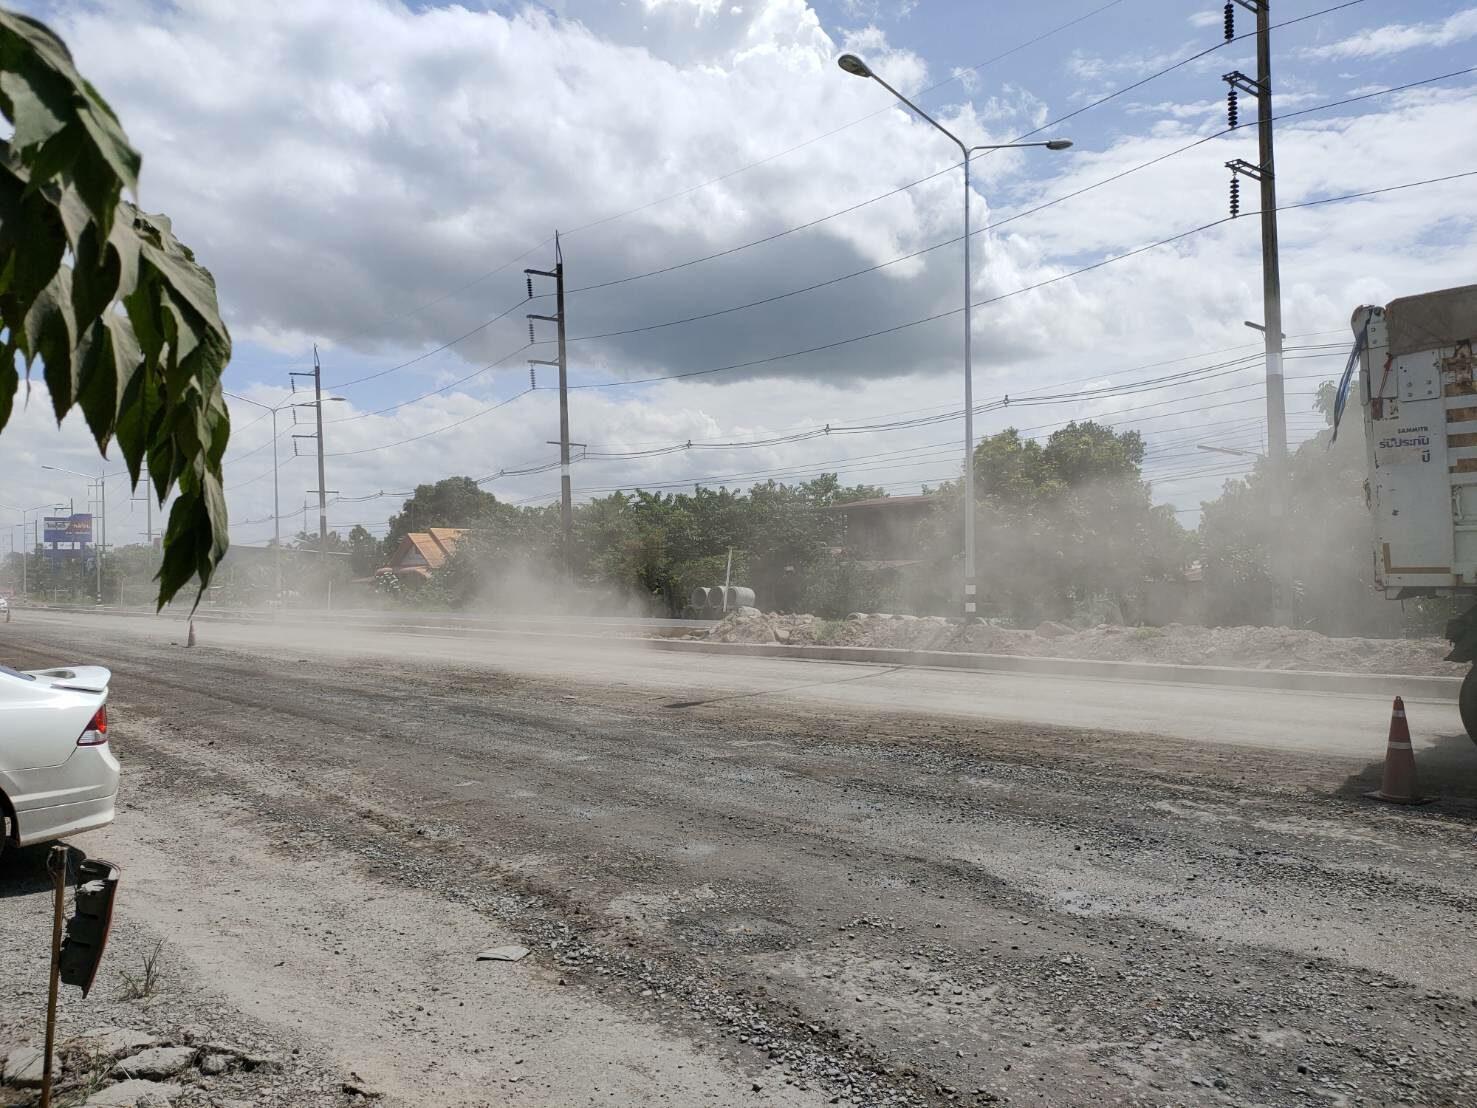 สร้างถนนบ้านหัวทราย ชาวบ้านเดือดร้อนฝุ่นปลิวเข้าบ้านเรือน